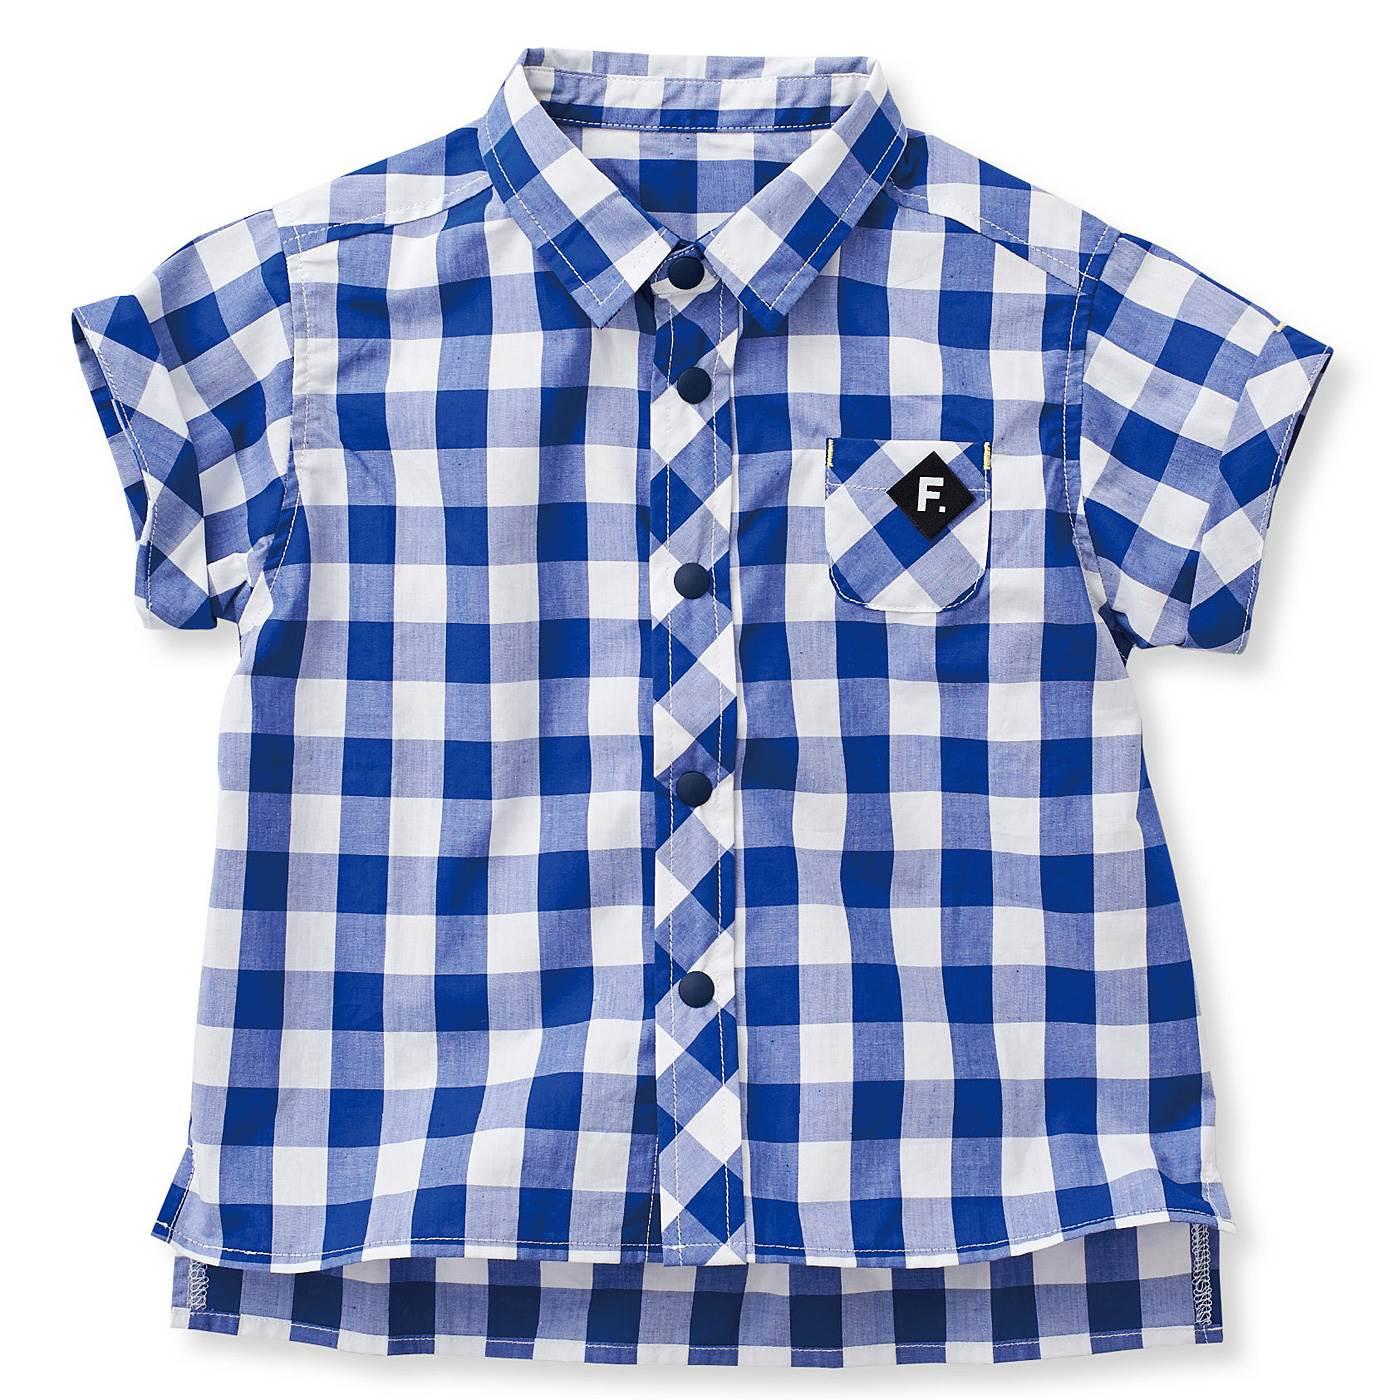 窮屈感なく着られる身幅広めのゆるっとシルエットながら、衿と袖はコンパクトなので品のよいバランス。